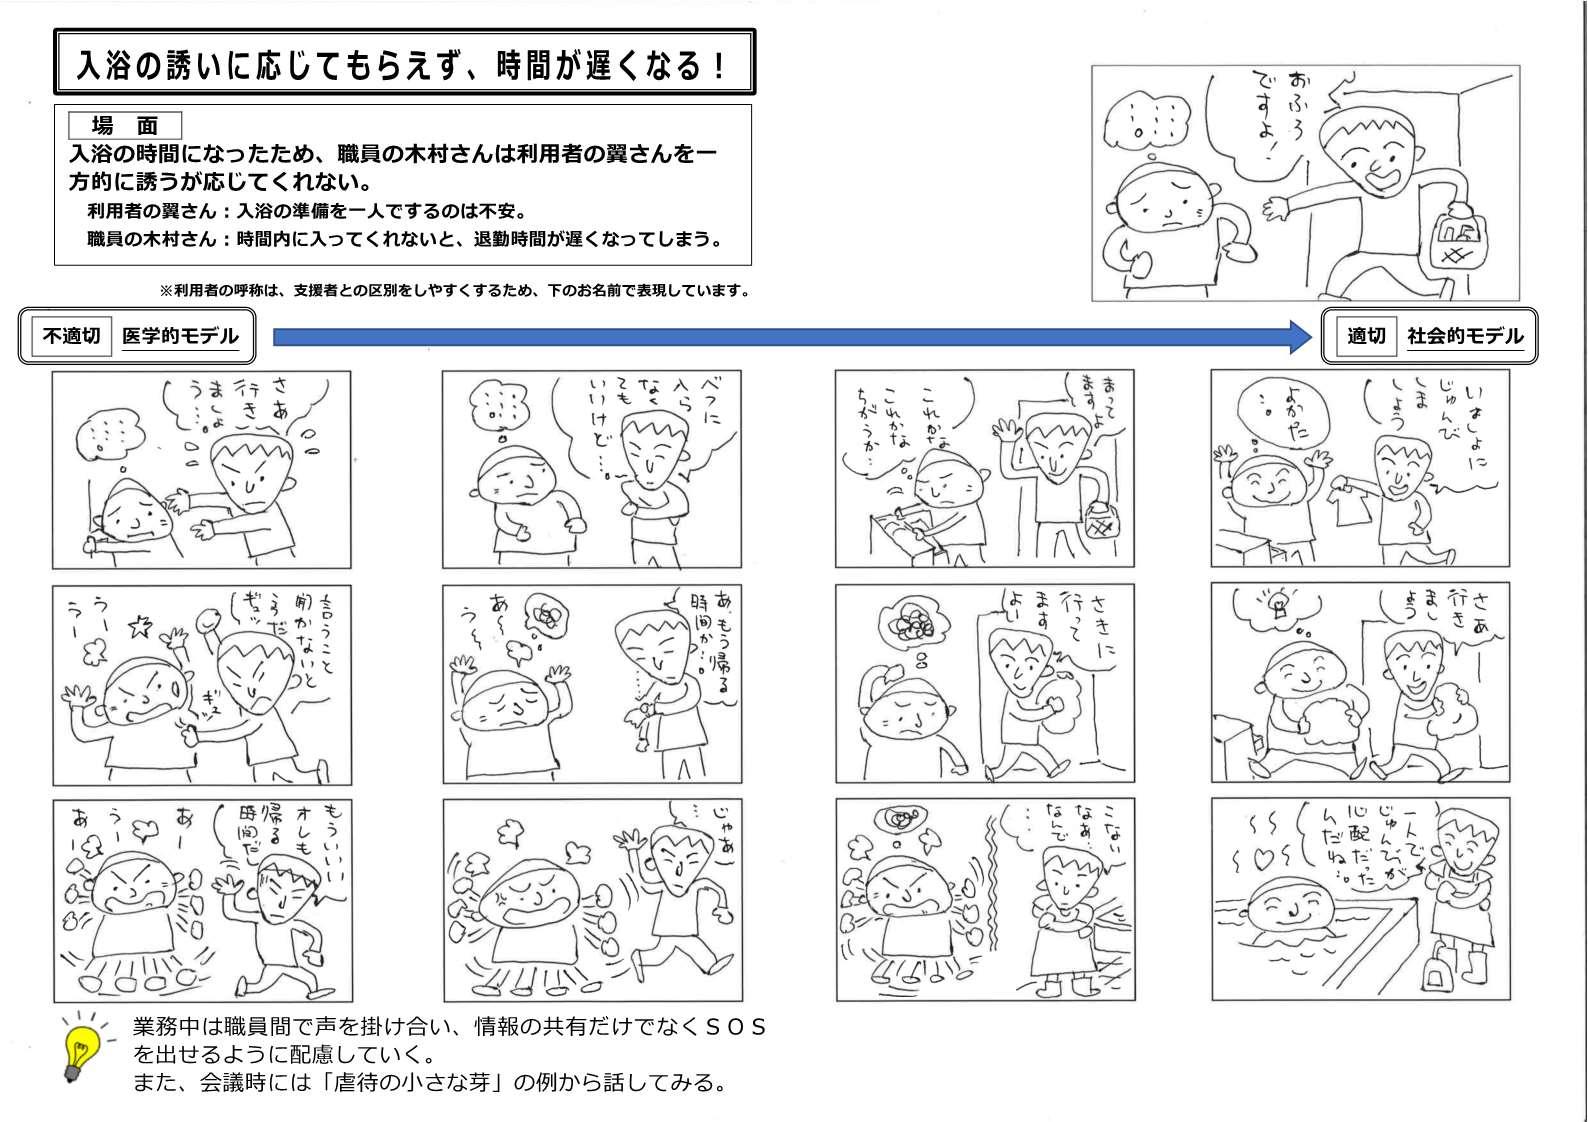 07絵コンテ(入浴の~)